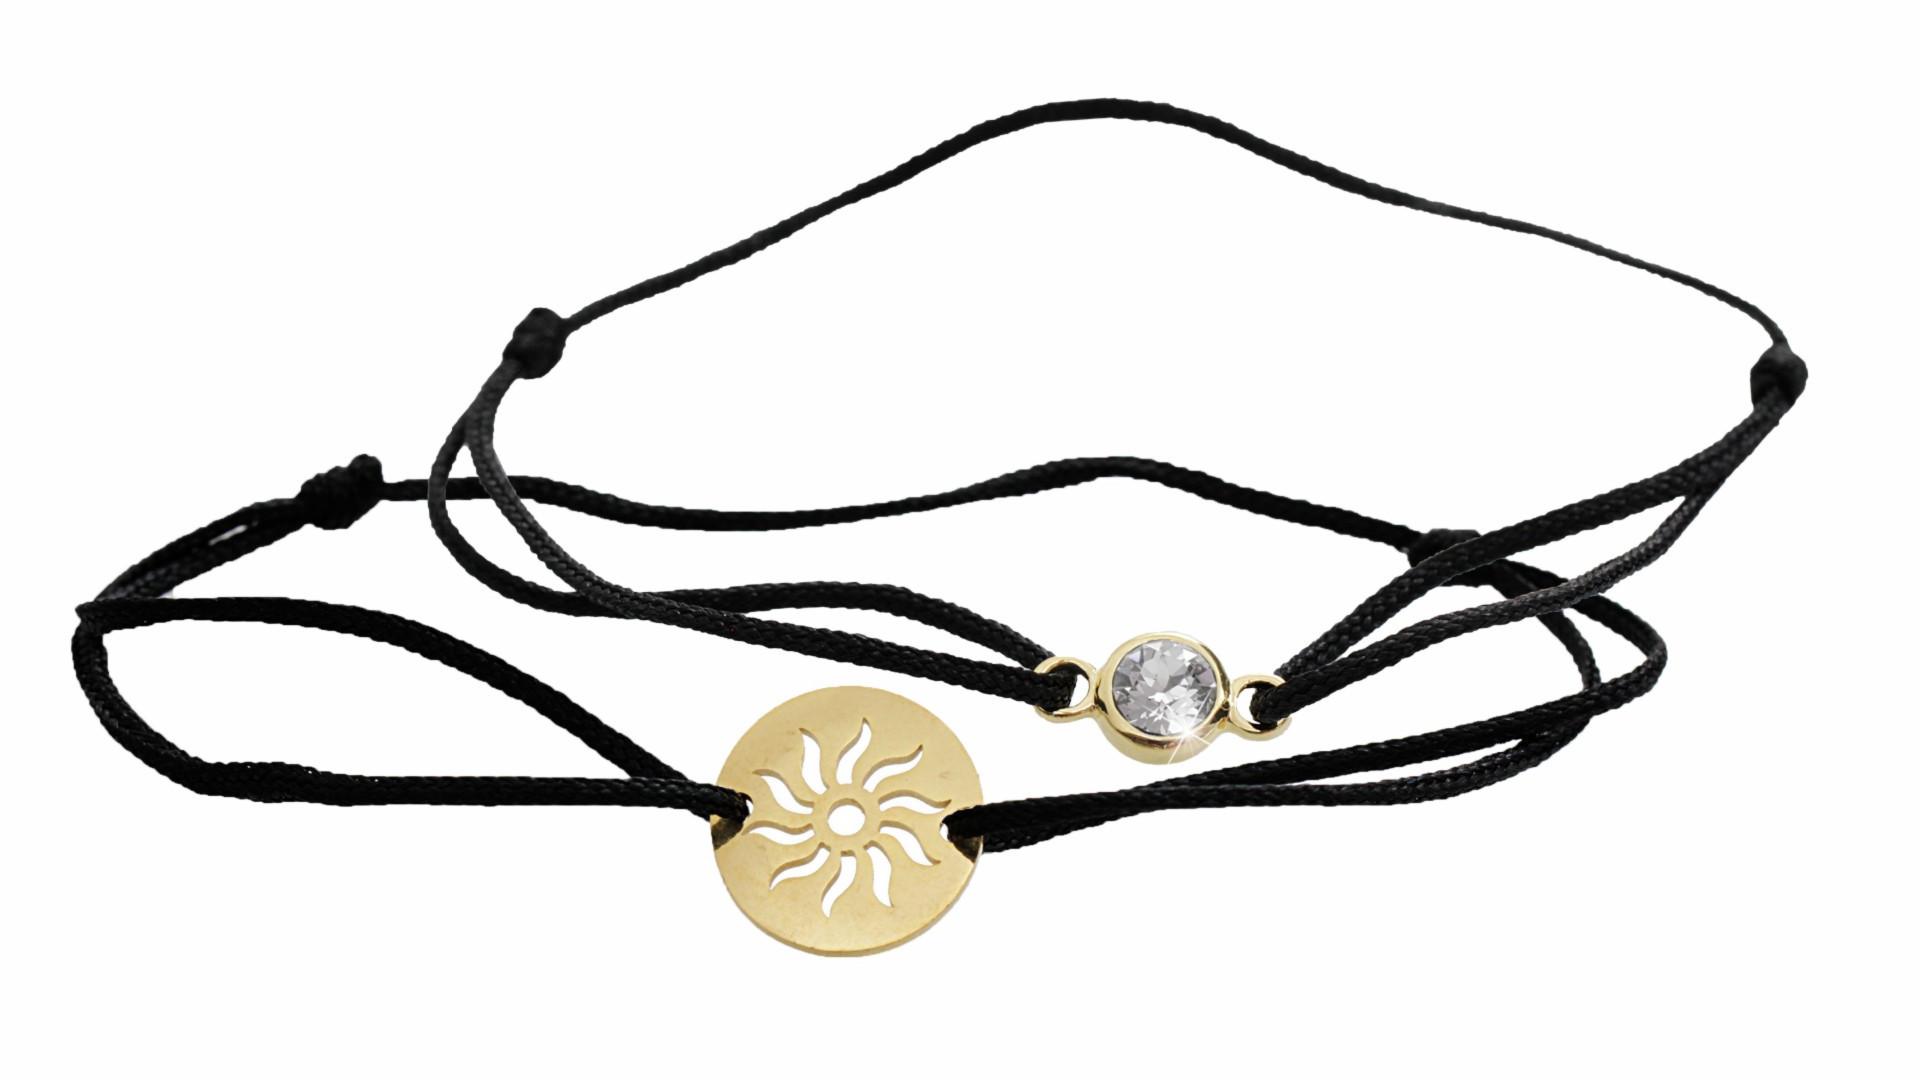 Souprava dvou náramků se sluncem a šatonem Swarovski Crystals krystaly šperky bižuterie bizu outlet